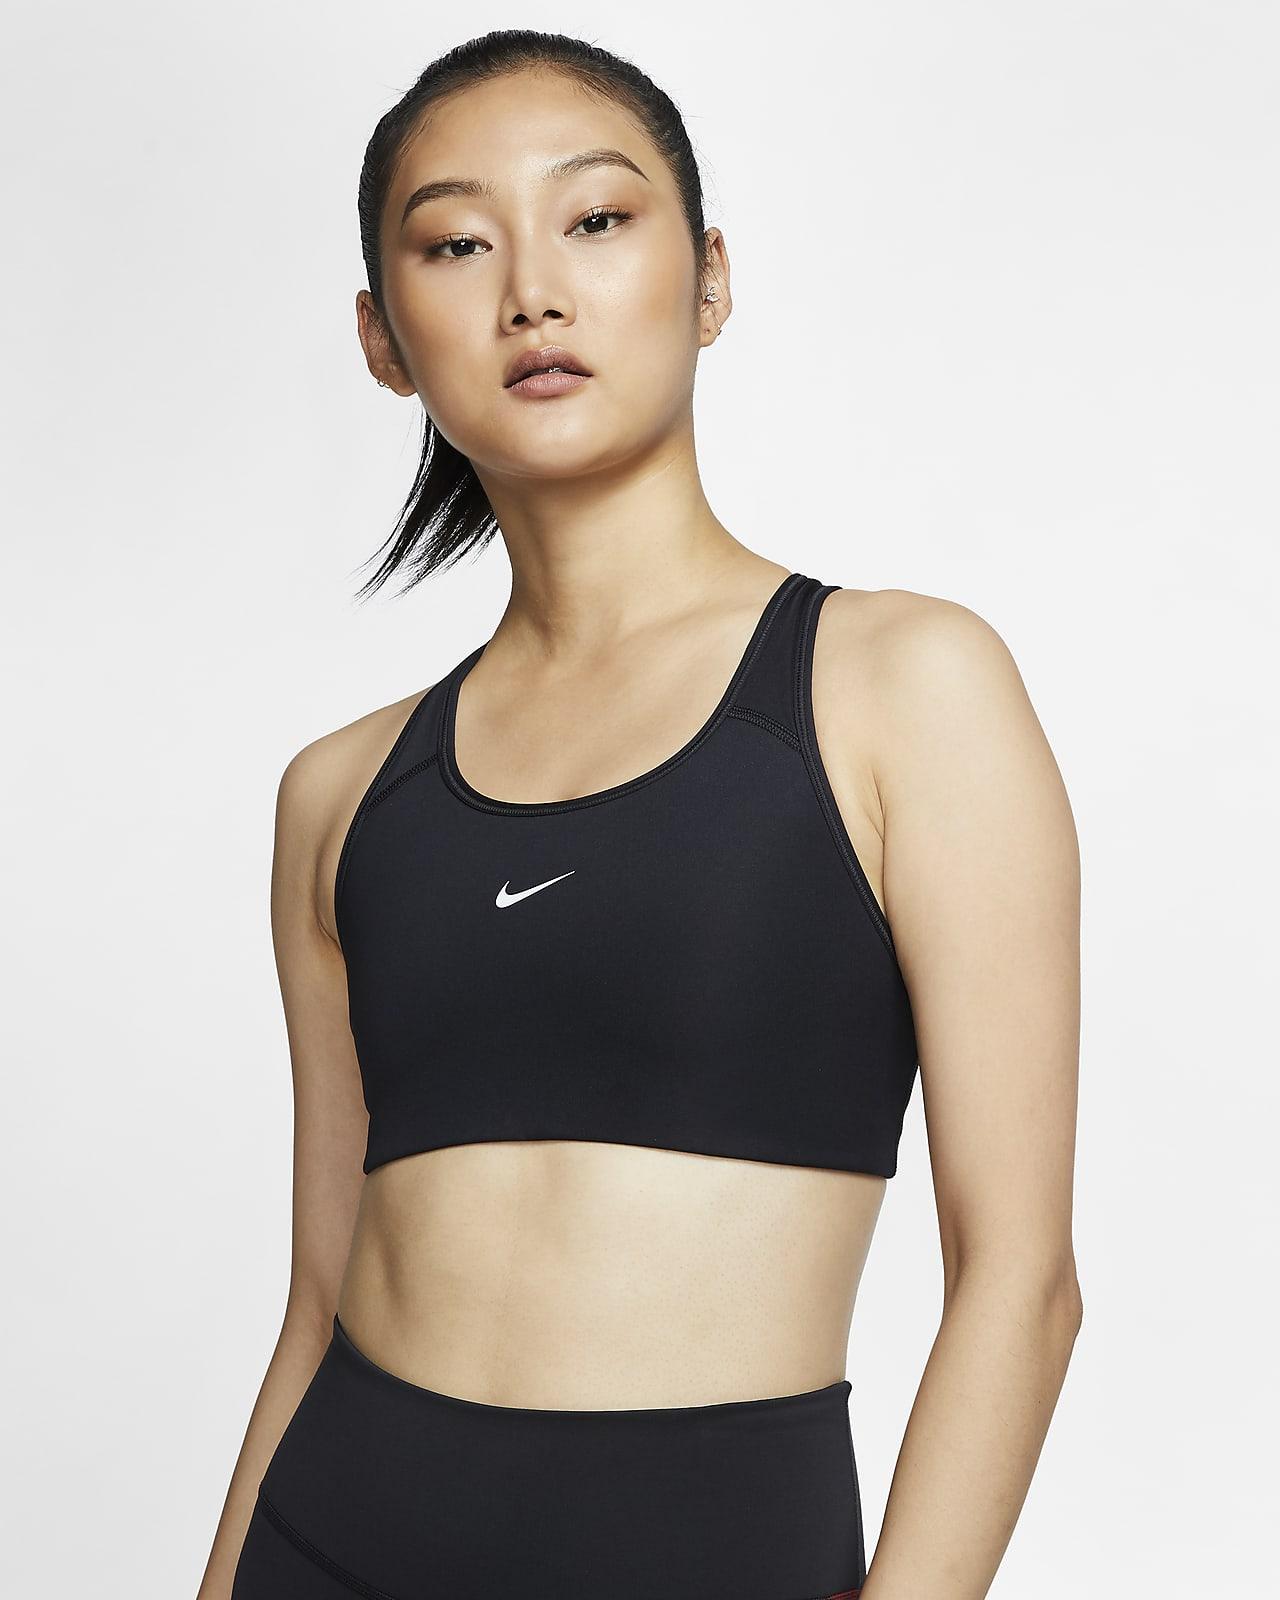 Sujetador deportivo de 1 pieza con almohadillas de soporte medio para mujer Nike Swoosh